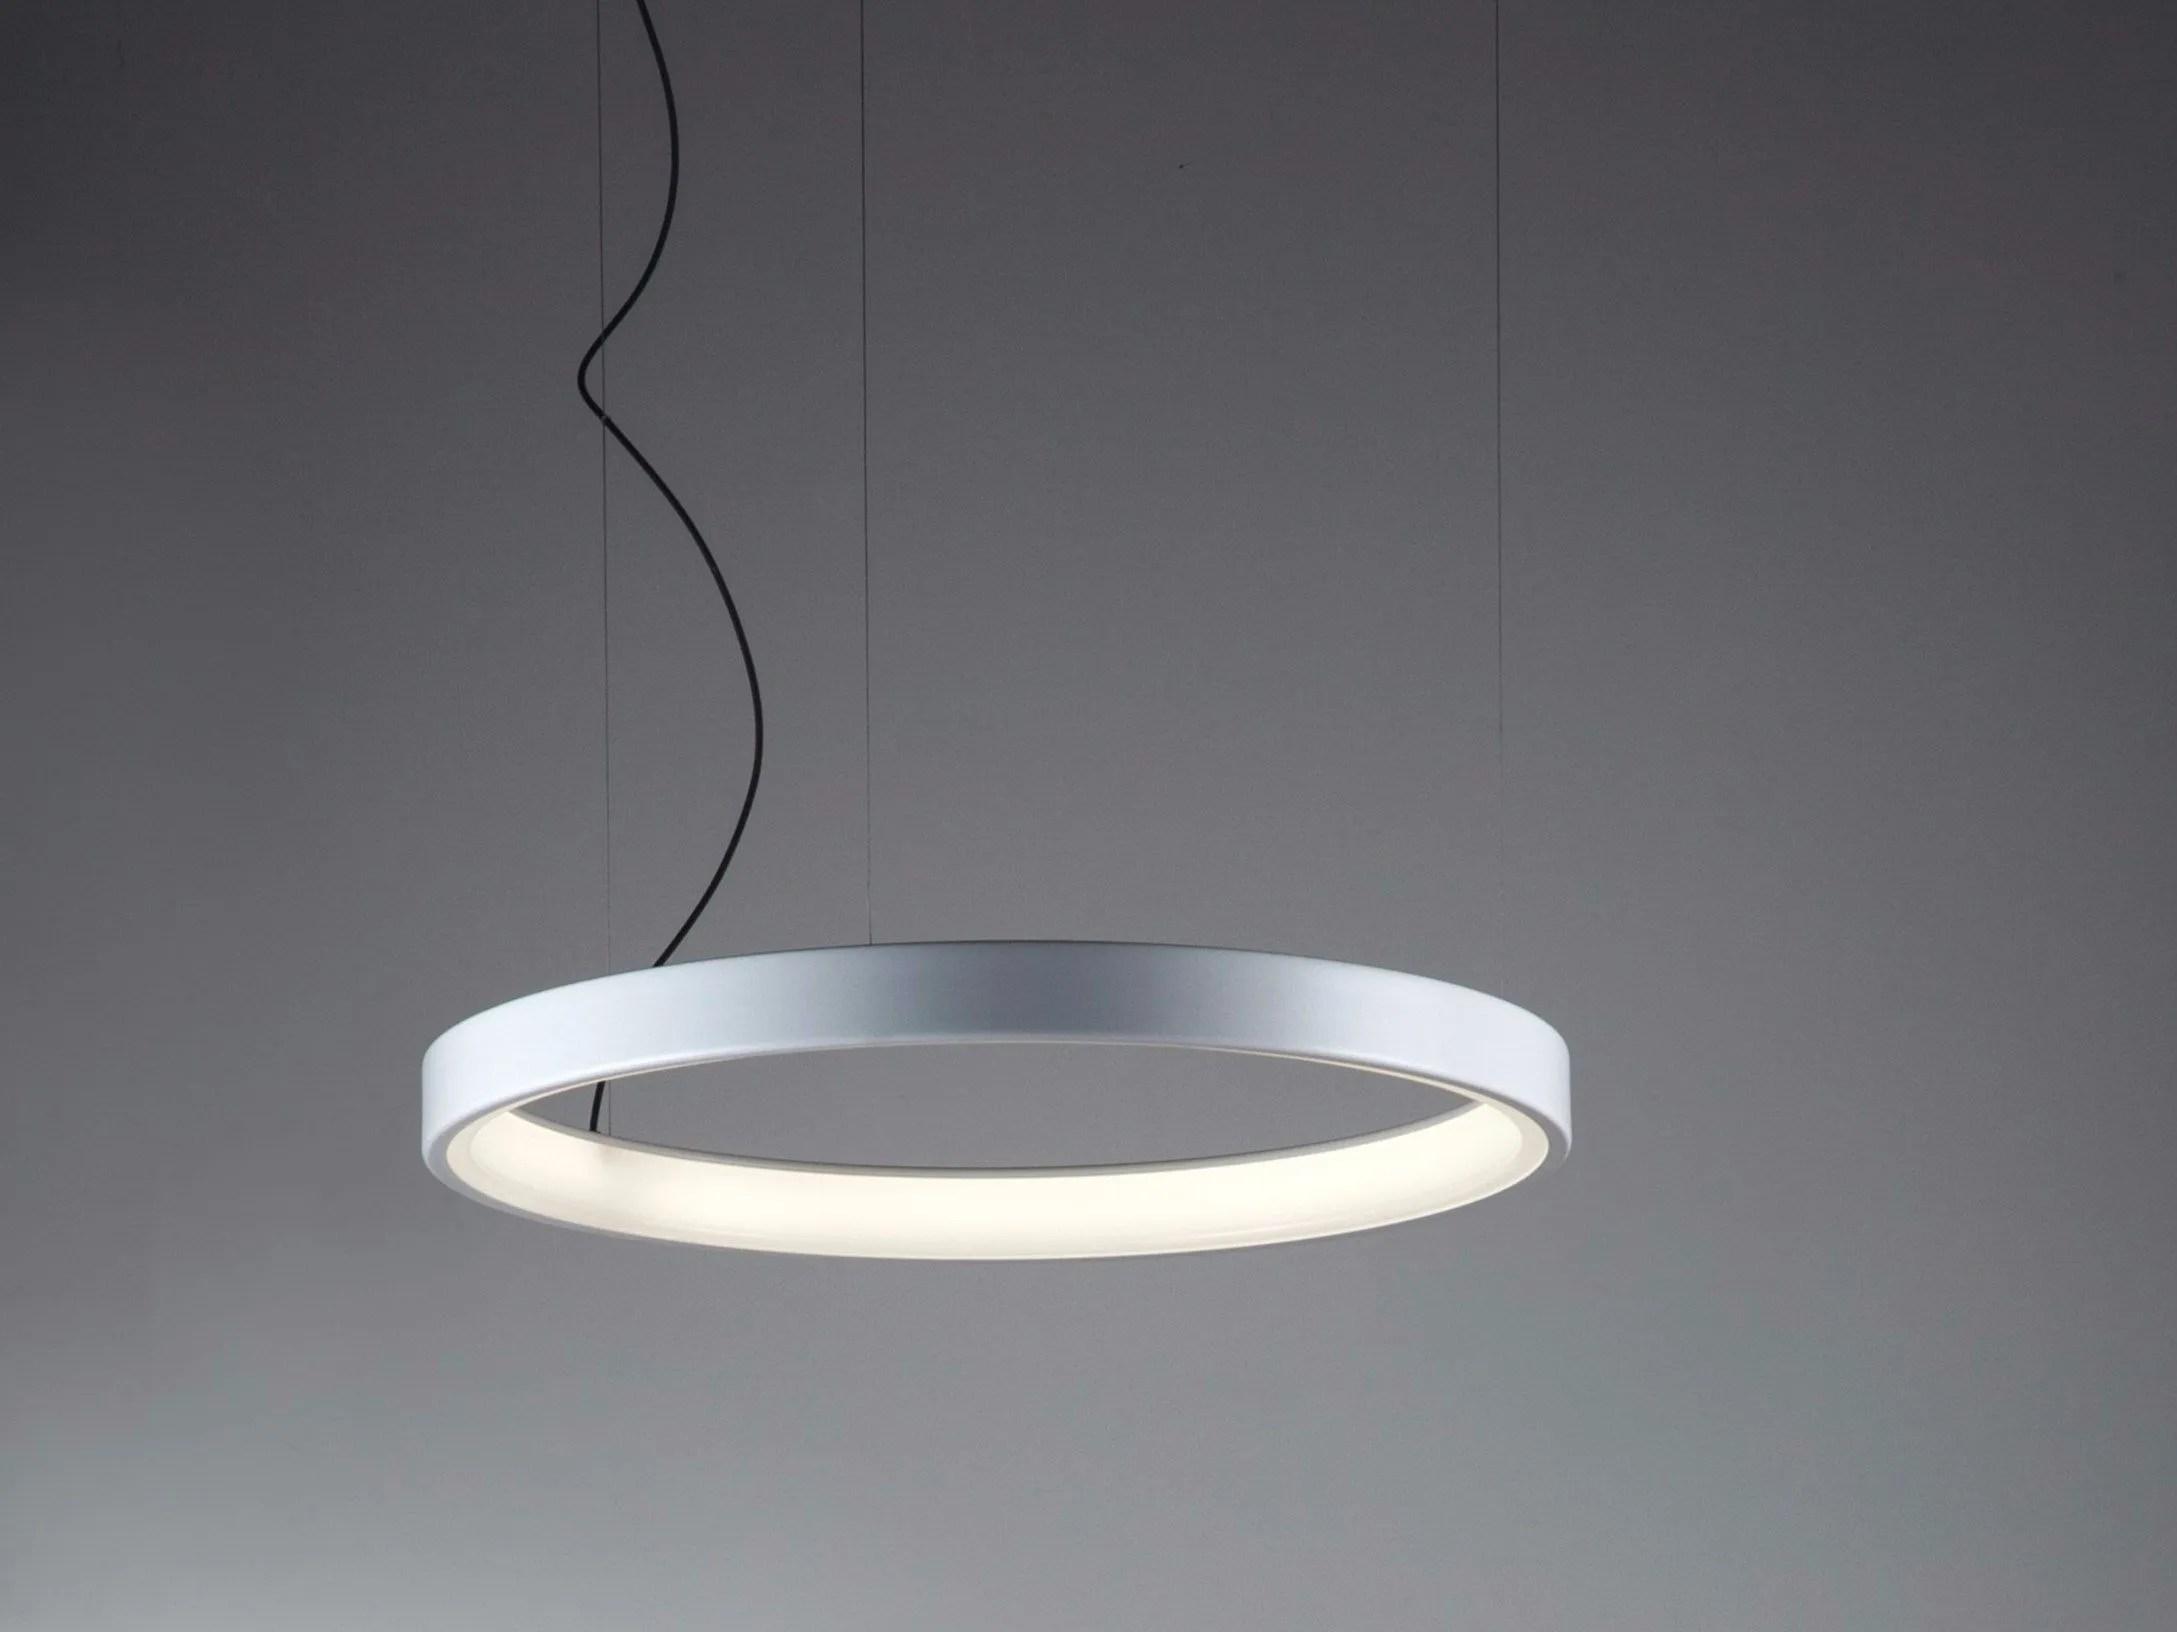 LUNAOP Lampada a sospensione by Martinelli Luce design